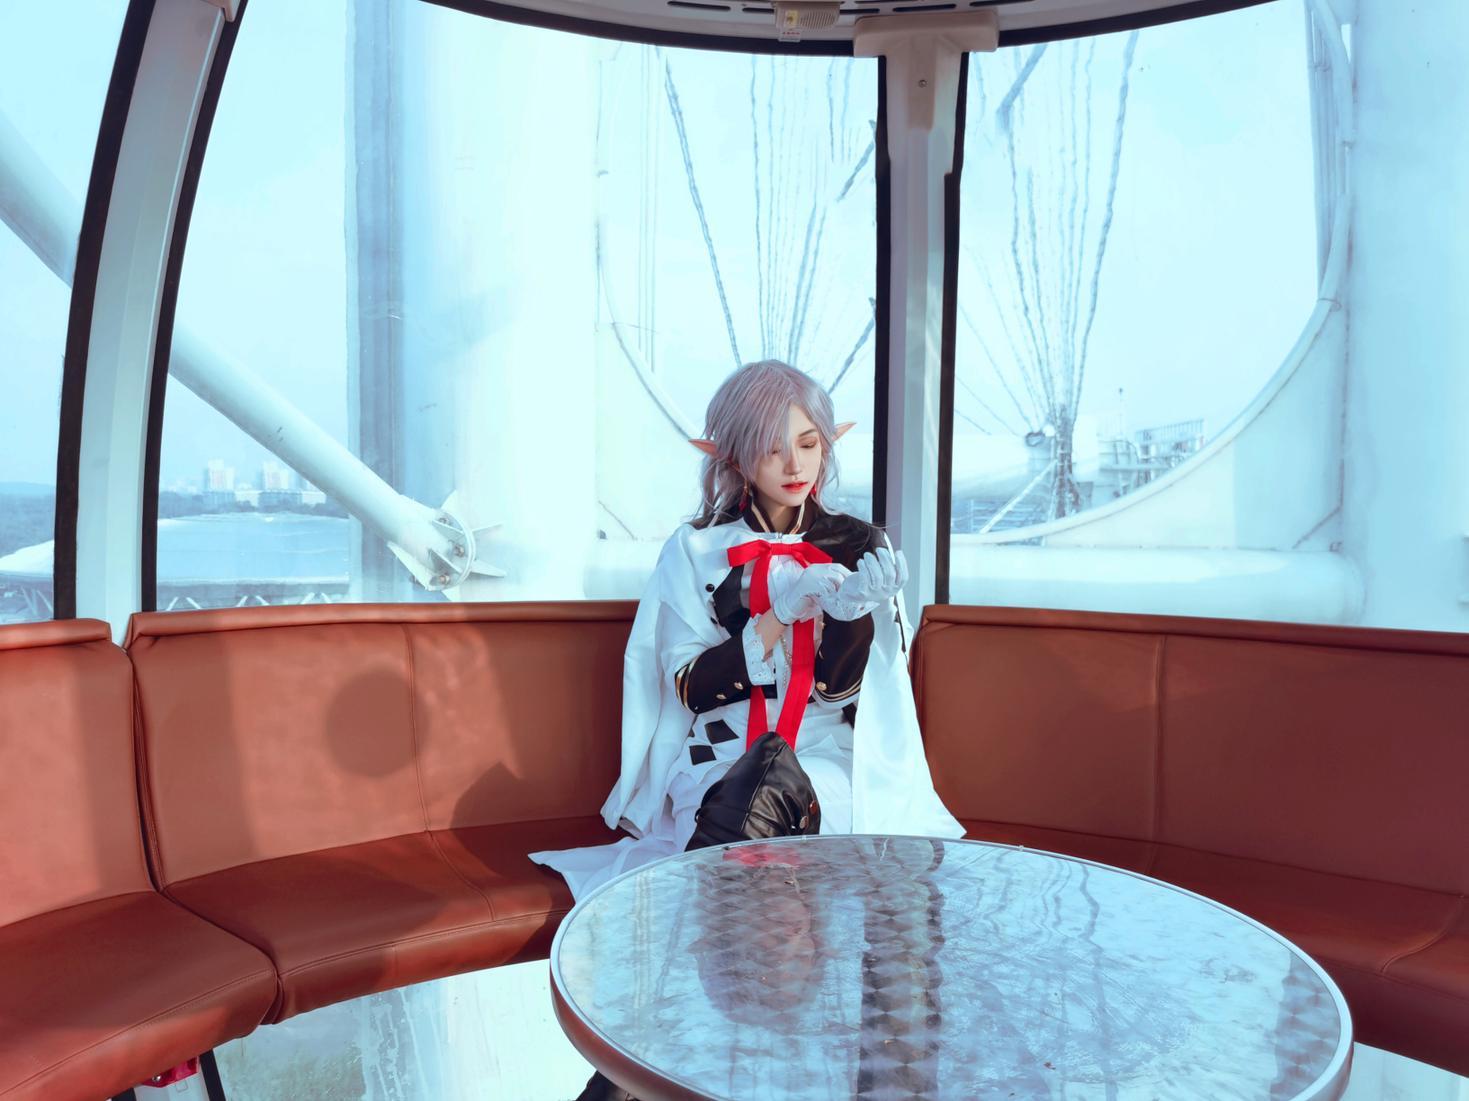 《终结的炽天使》终结的炽天使费娘cosplay【CN:君莫笑笑笑笑笑啊】-第2张